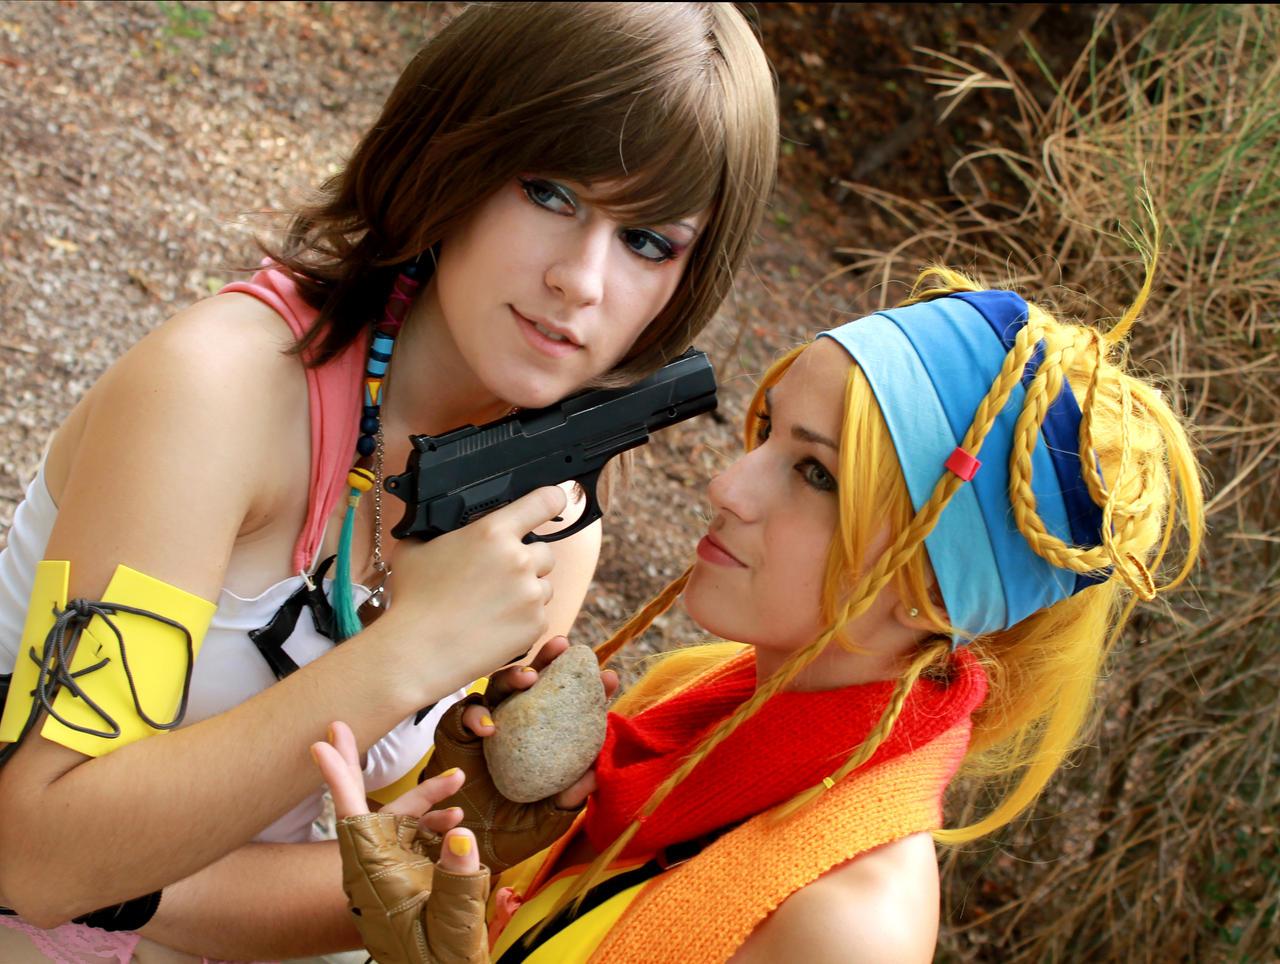 Watch out, my friend [FFX-2] by YunaB-Rabbit